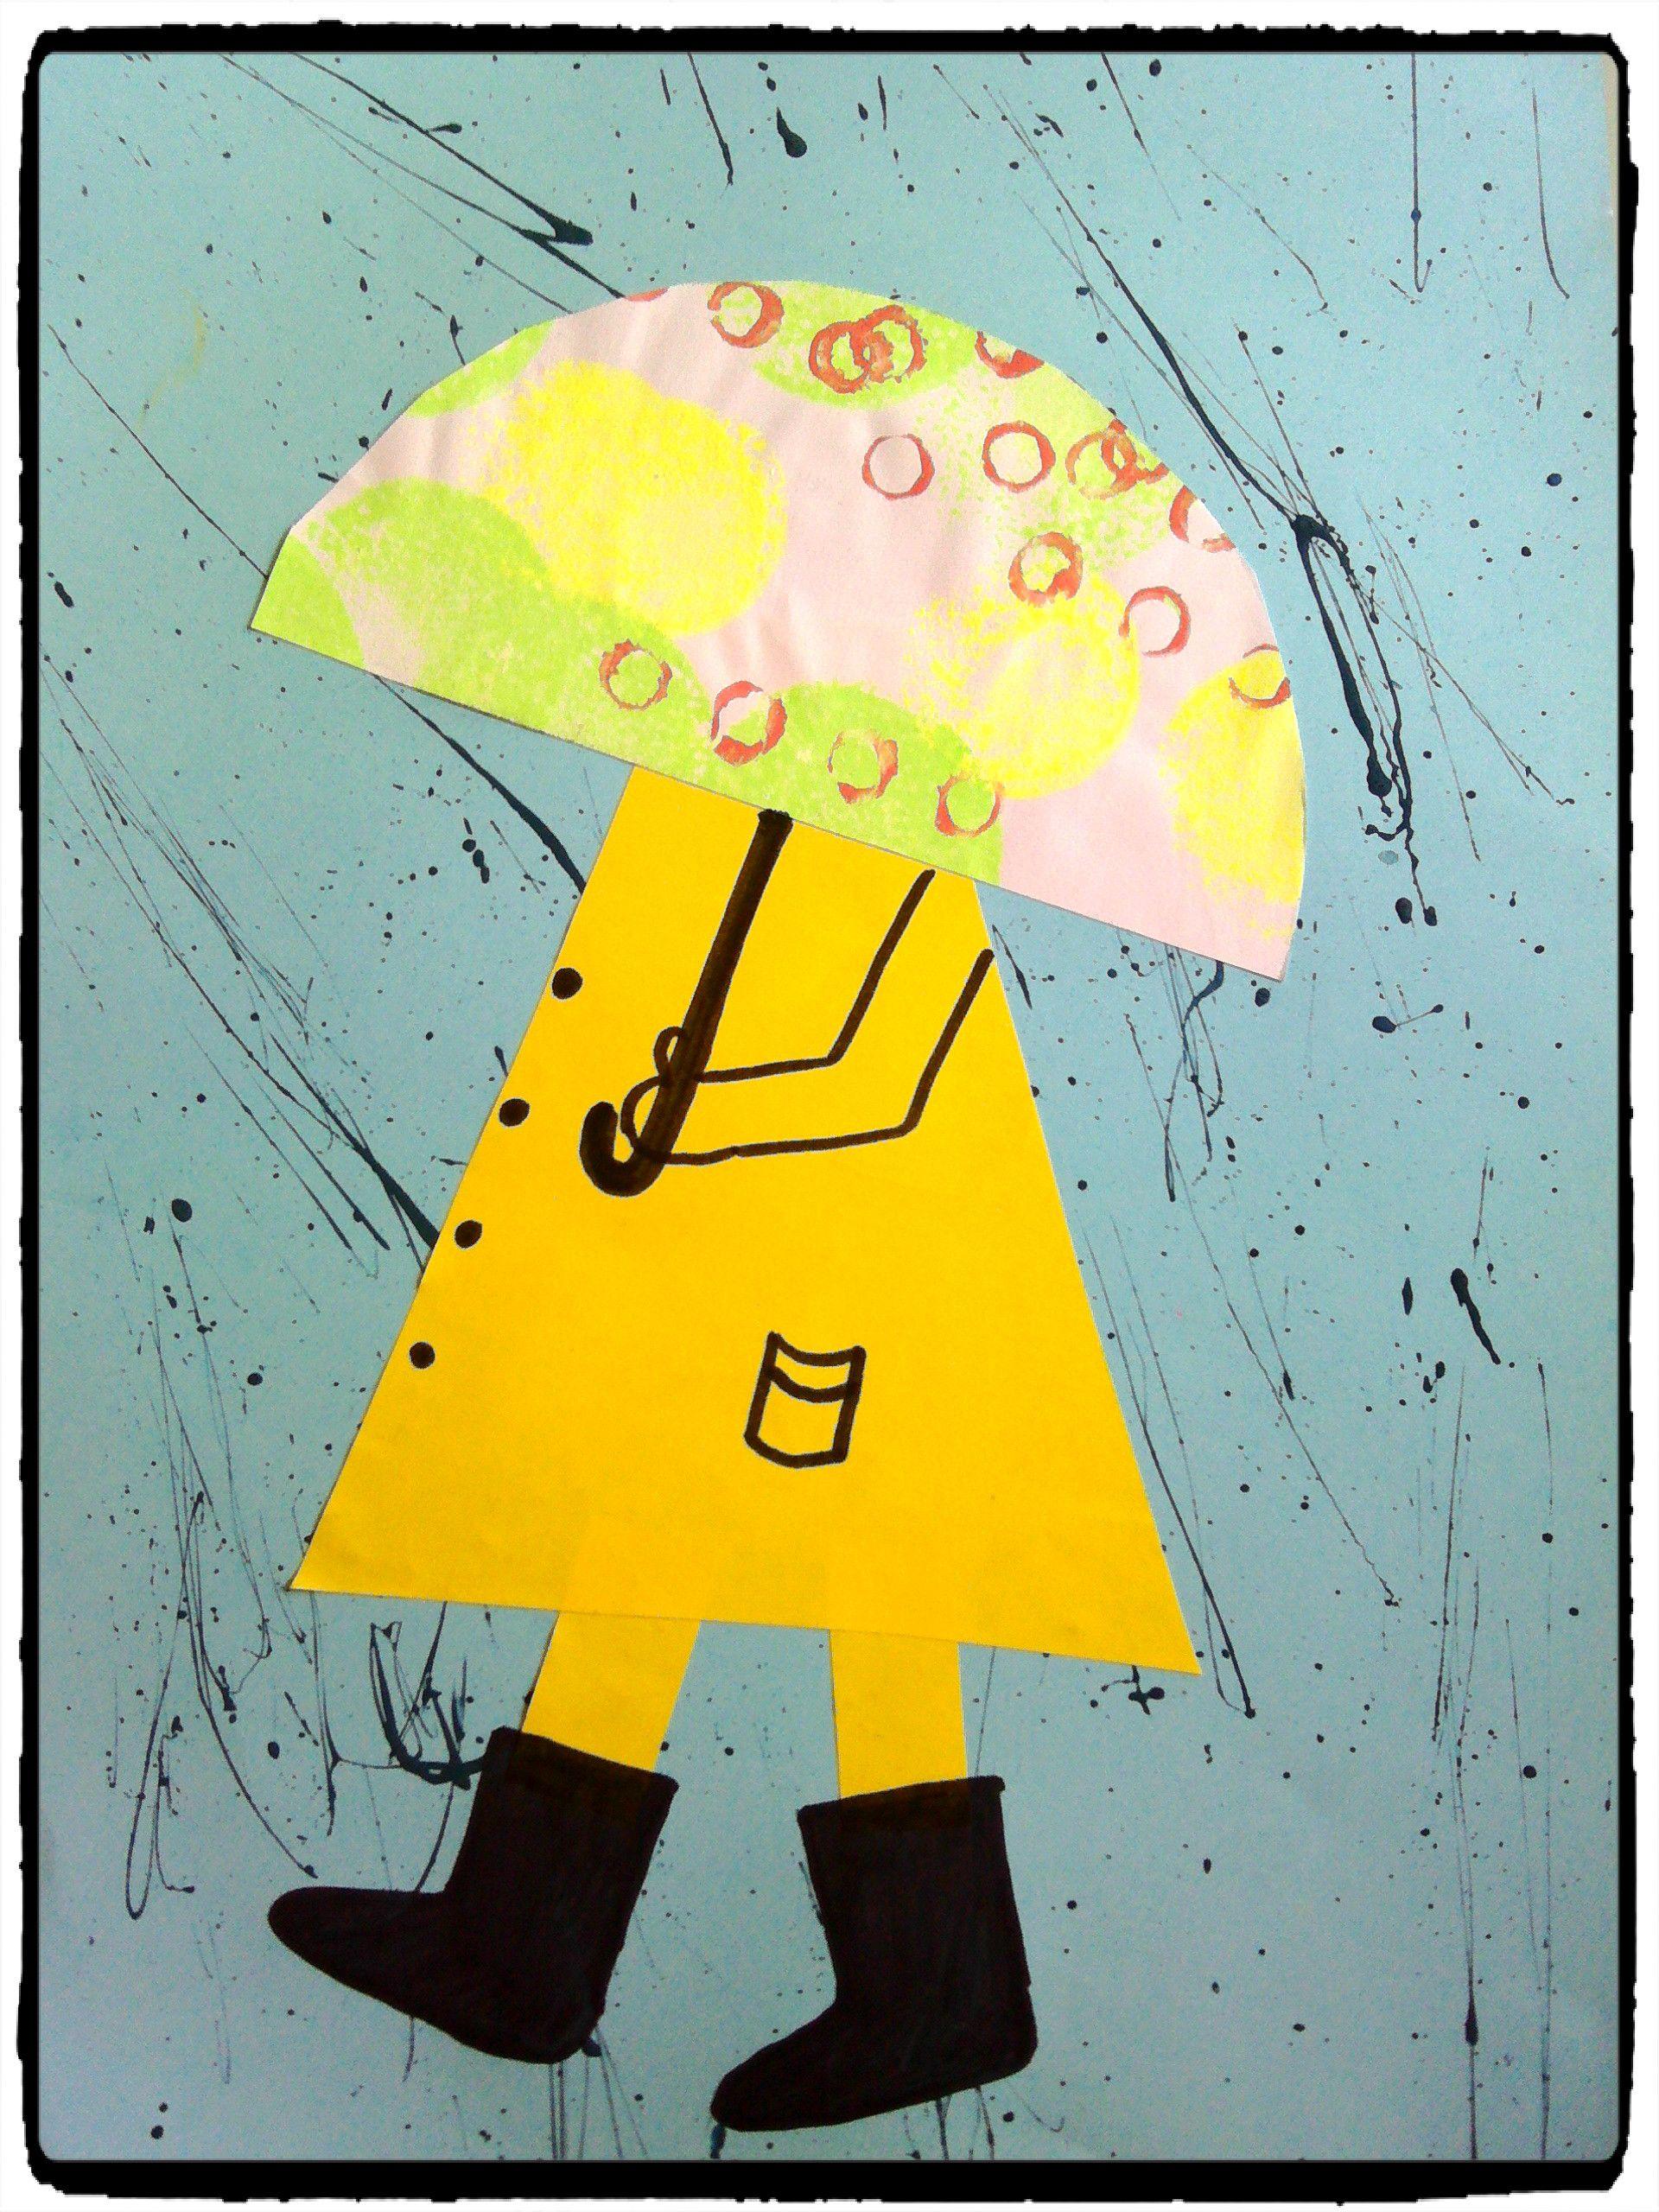 bricolage d 39 automne sous mon parapluie la pluie enfant hiver pinterest bricolage. Black Bedroom Furniture Sets. Home Design Ideas